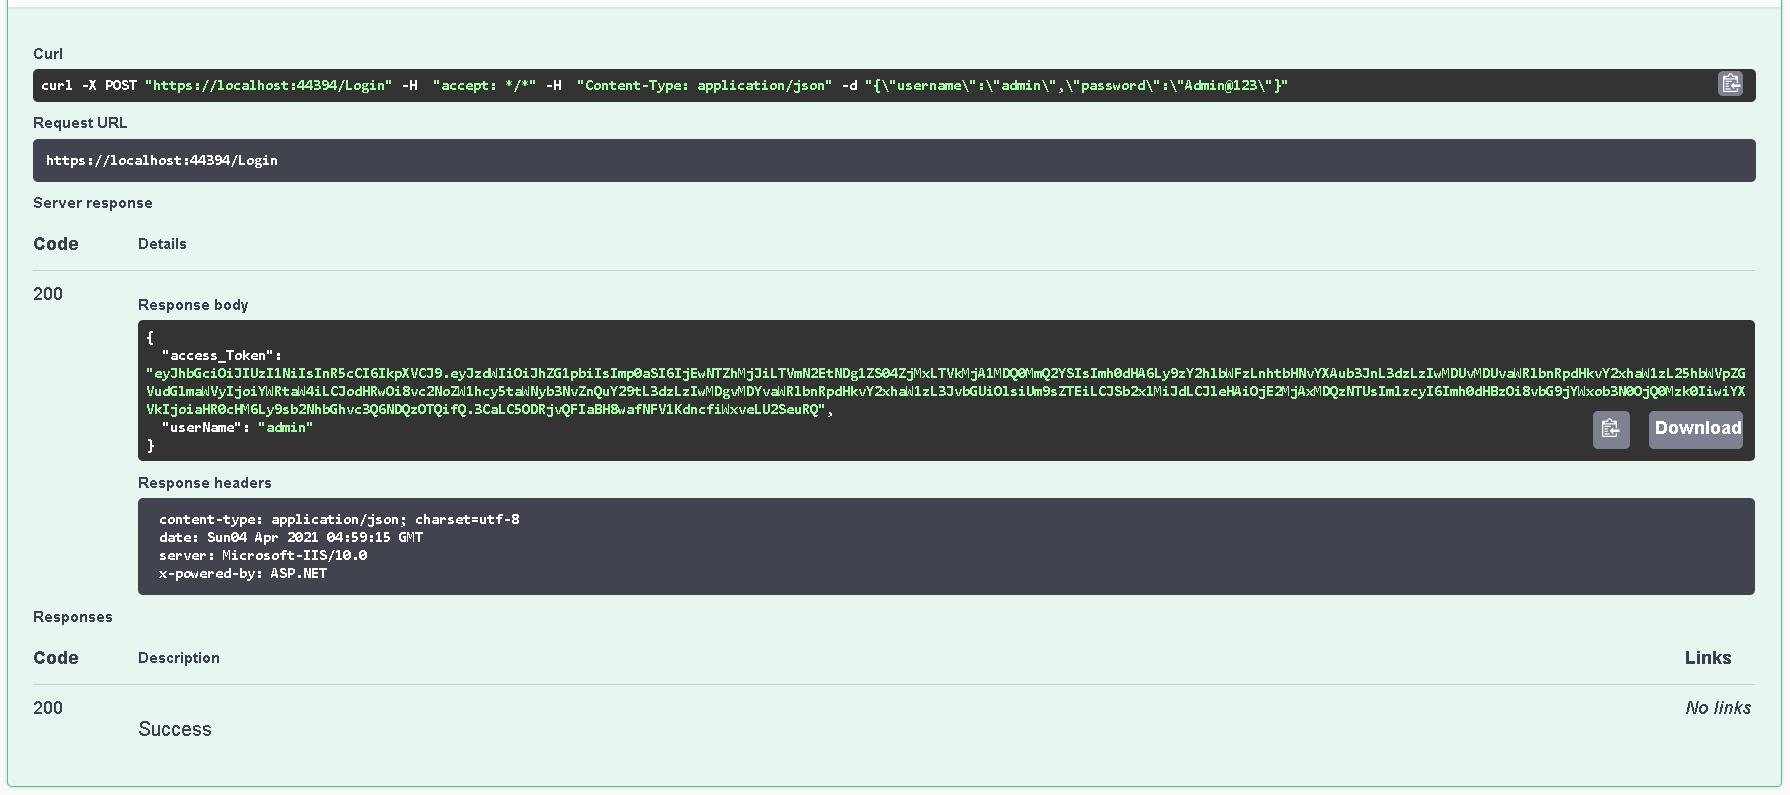 token and user name in login response